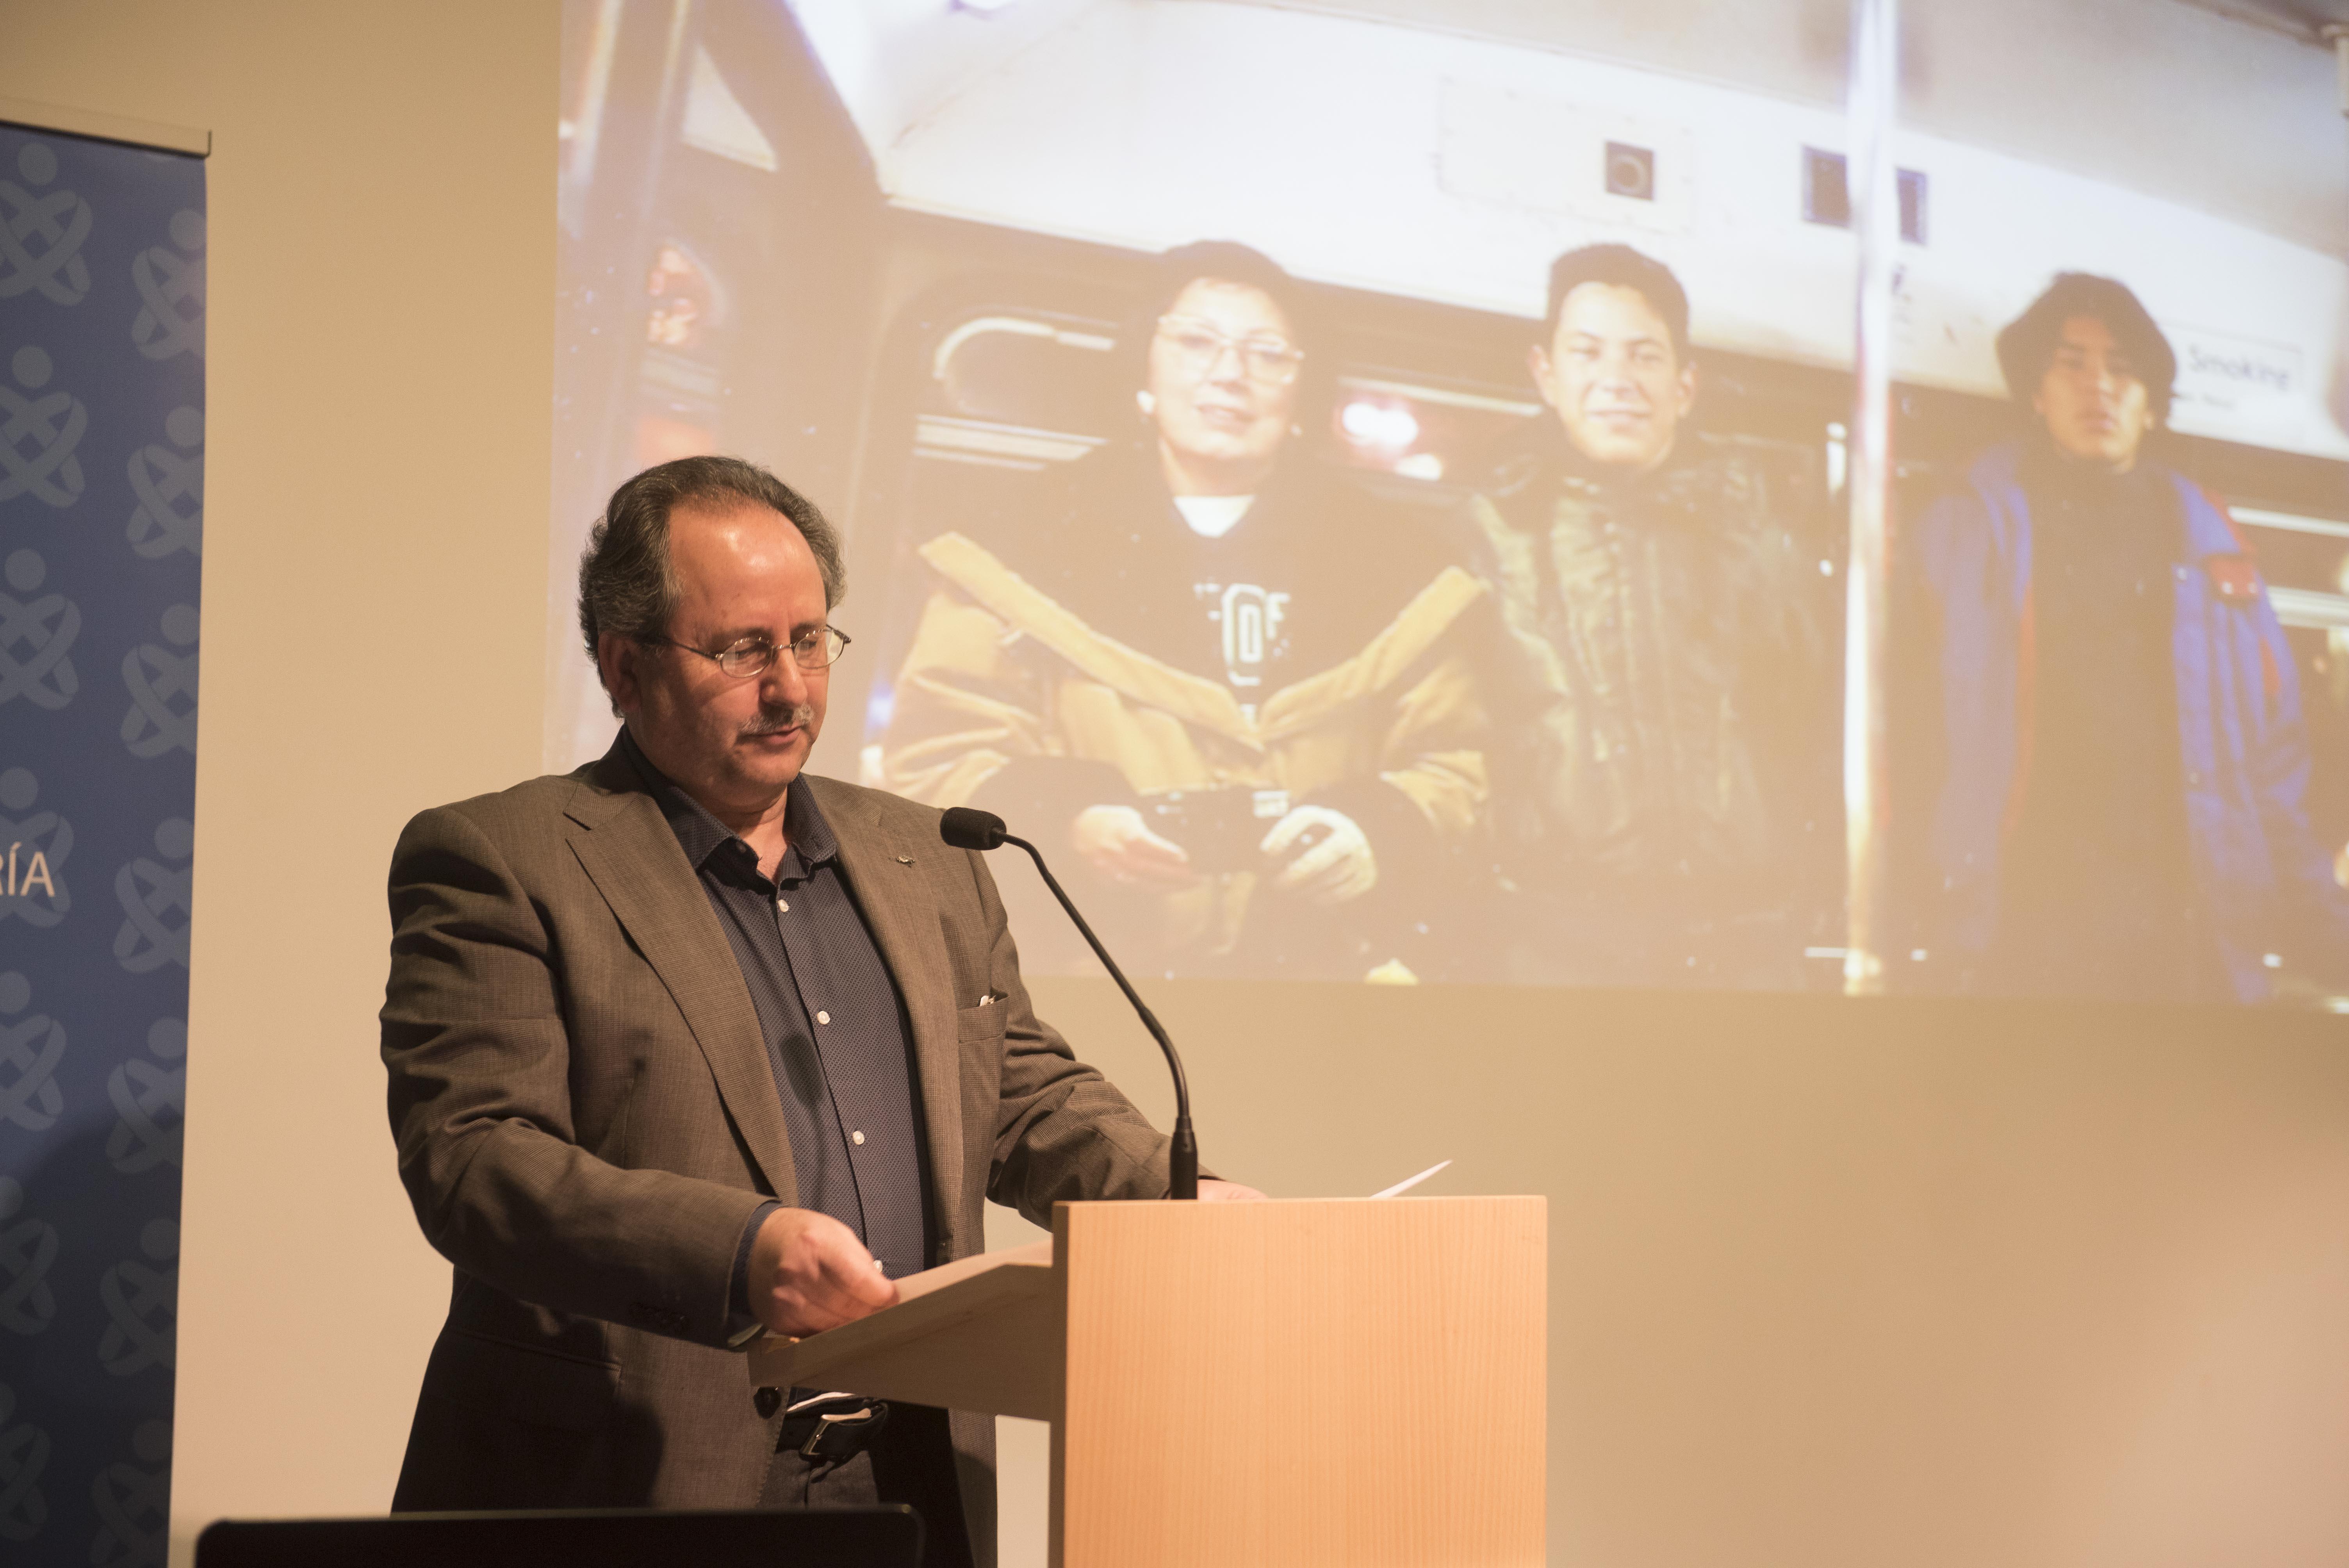 Dr. Manuel Amezcua